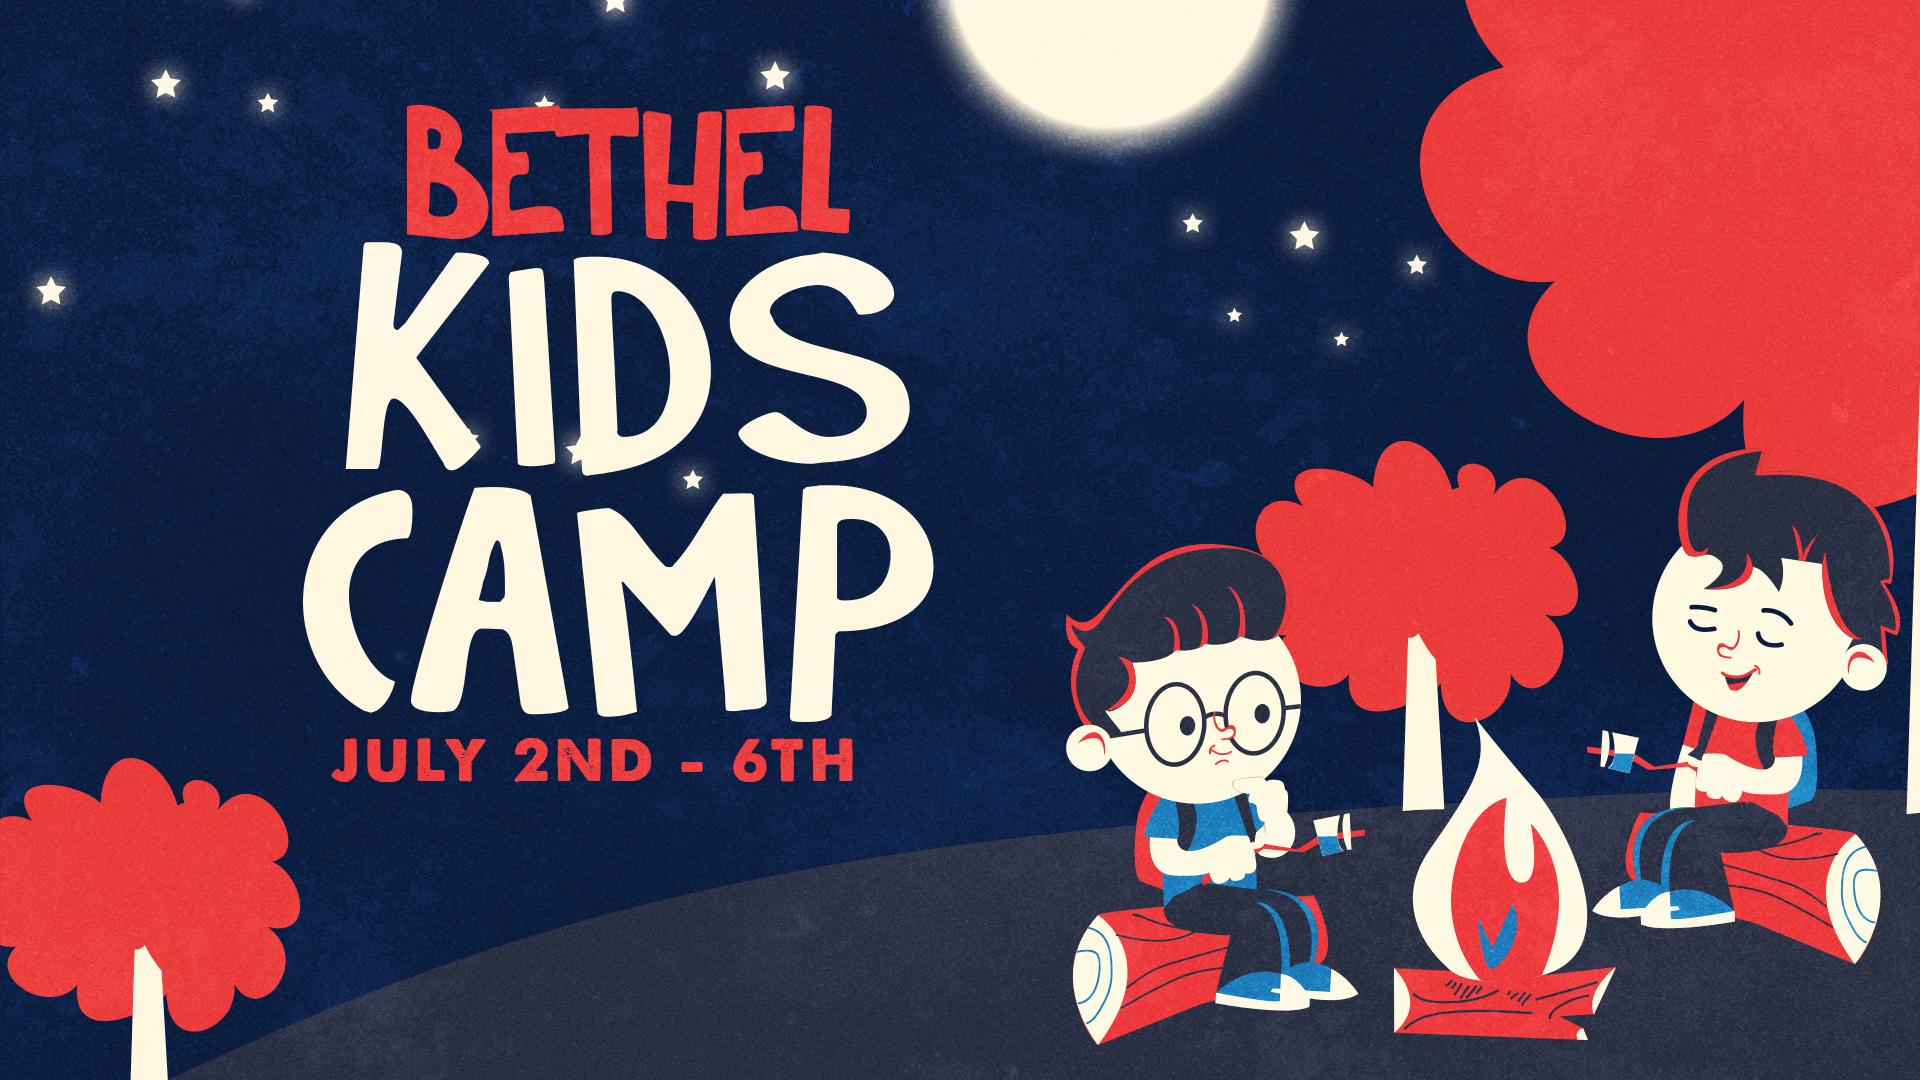 Kids camp